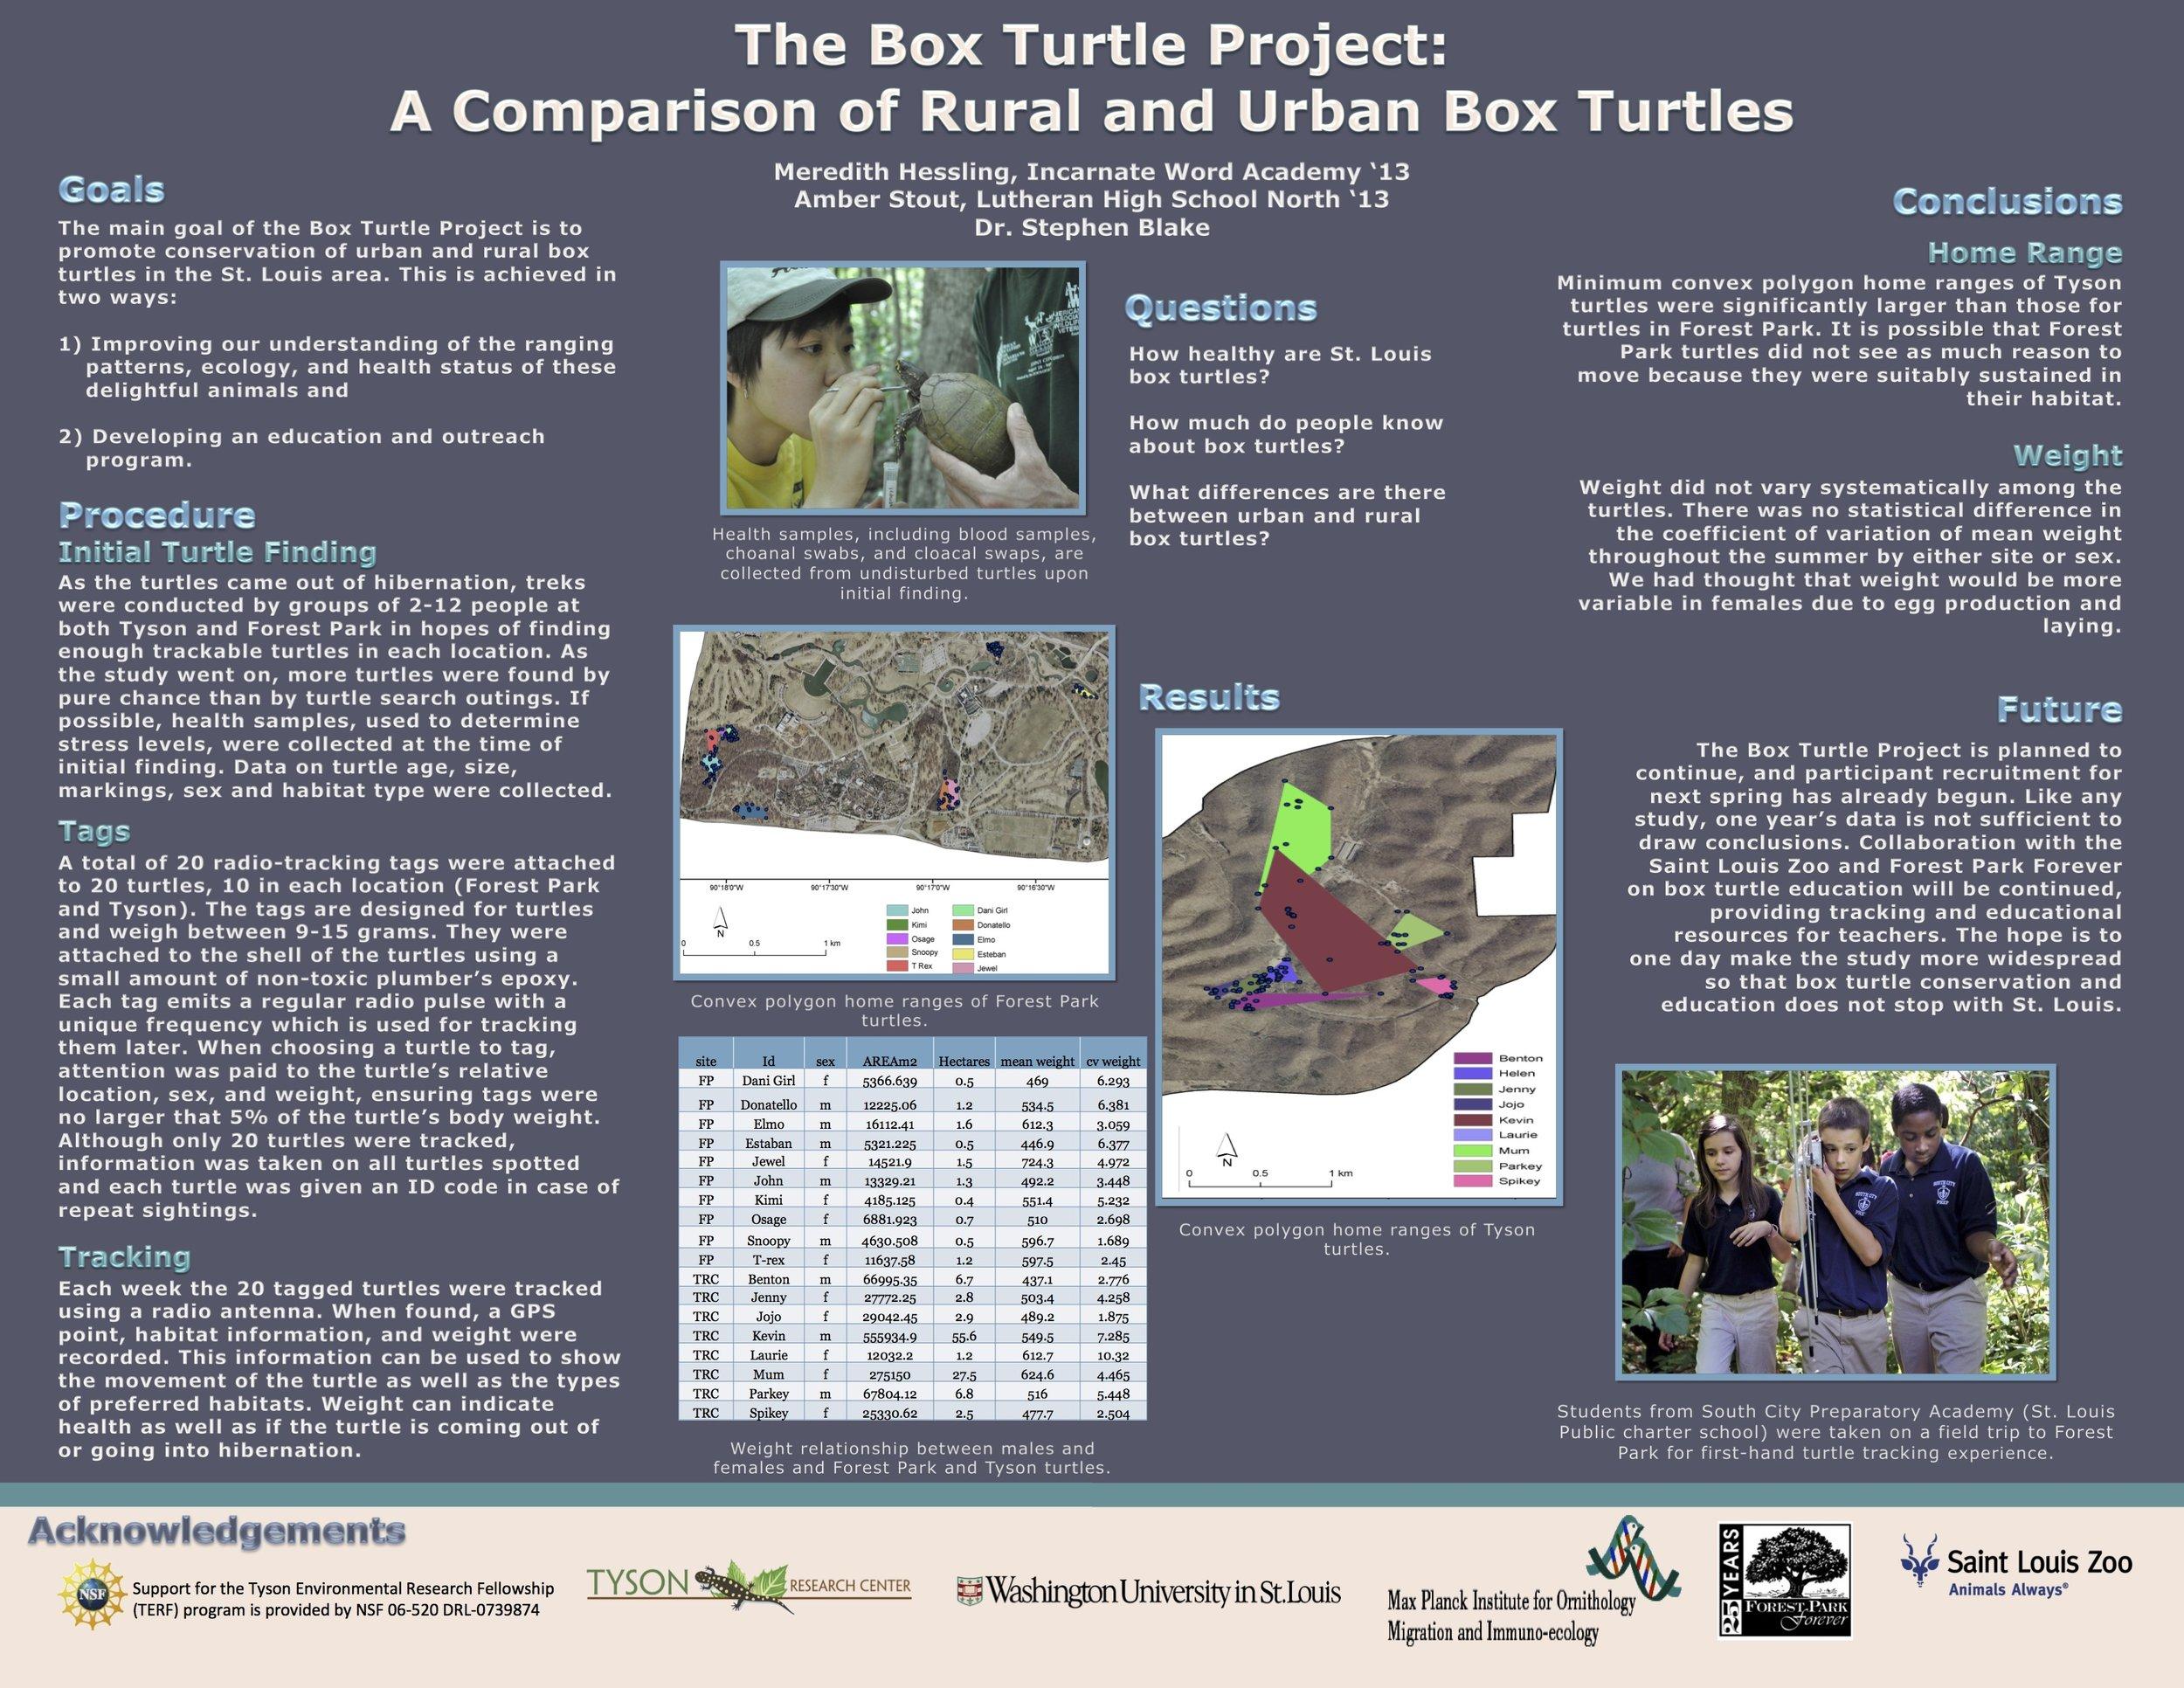 TERF 2012 Stout Hessling poster.jpg